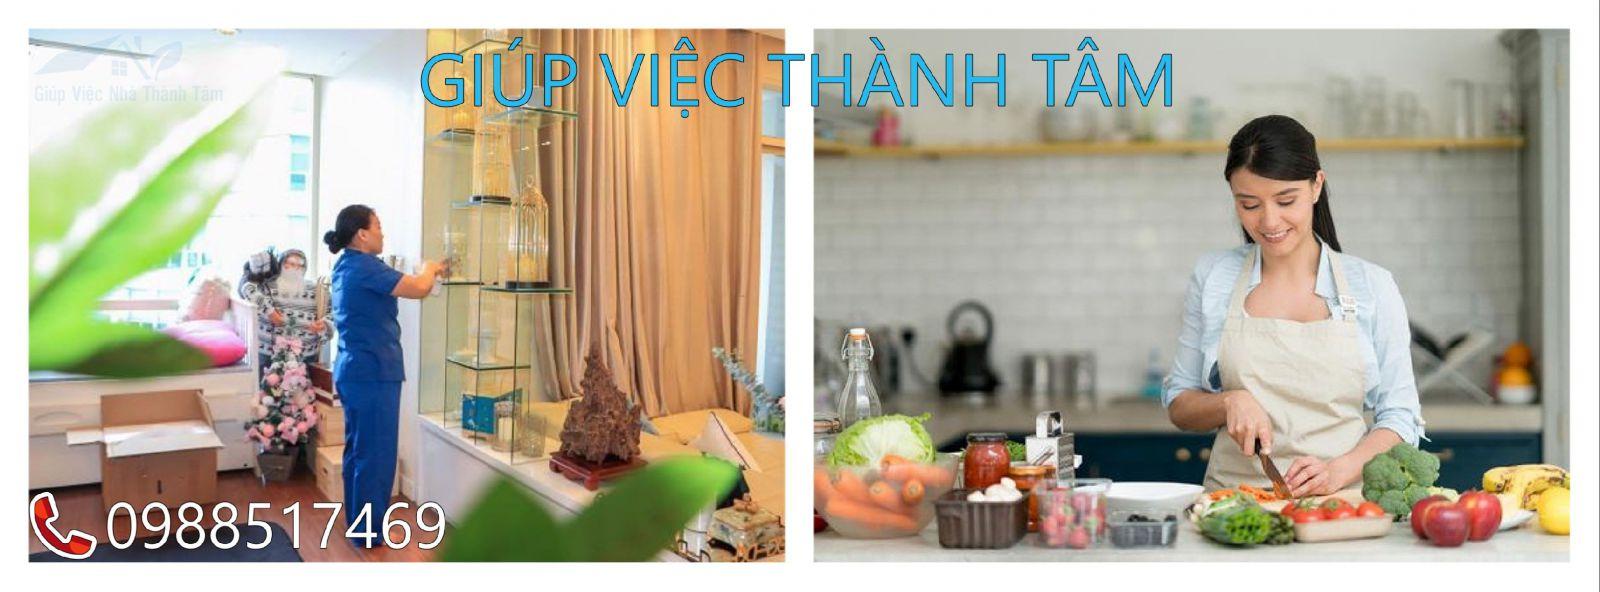 Dịch vụ giúp việc nhà tại quận Phú Nhuận